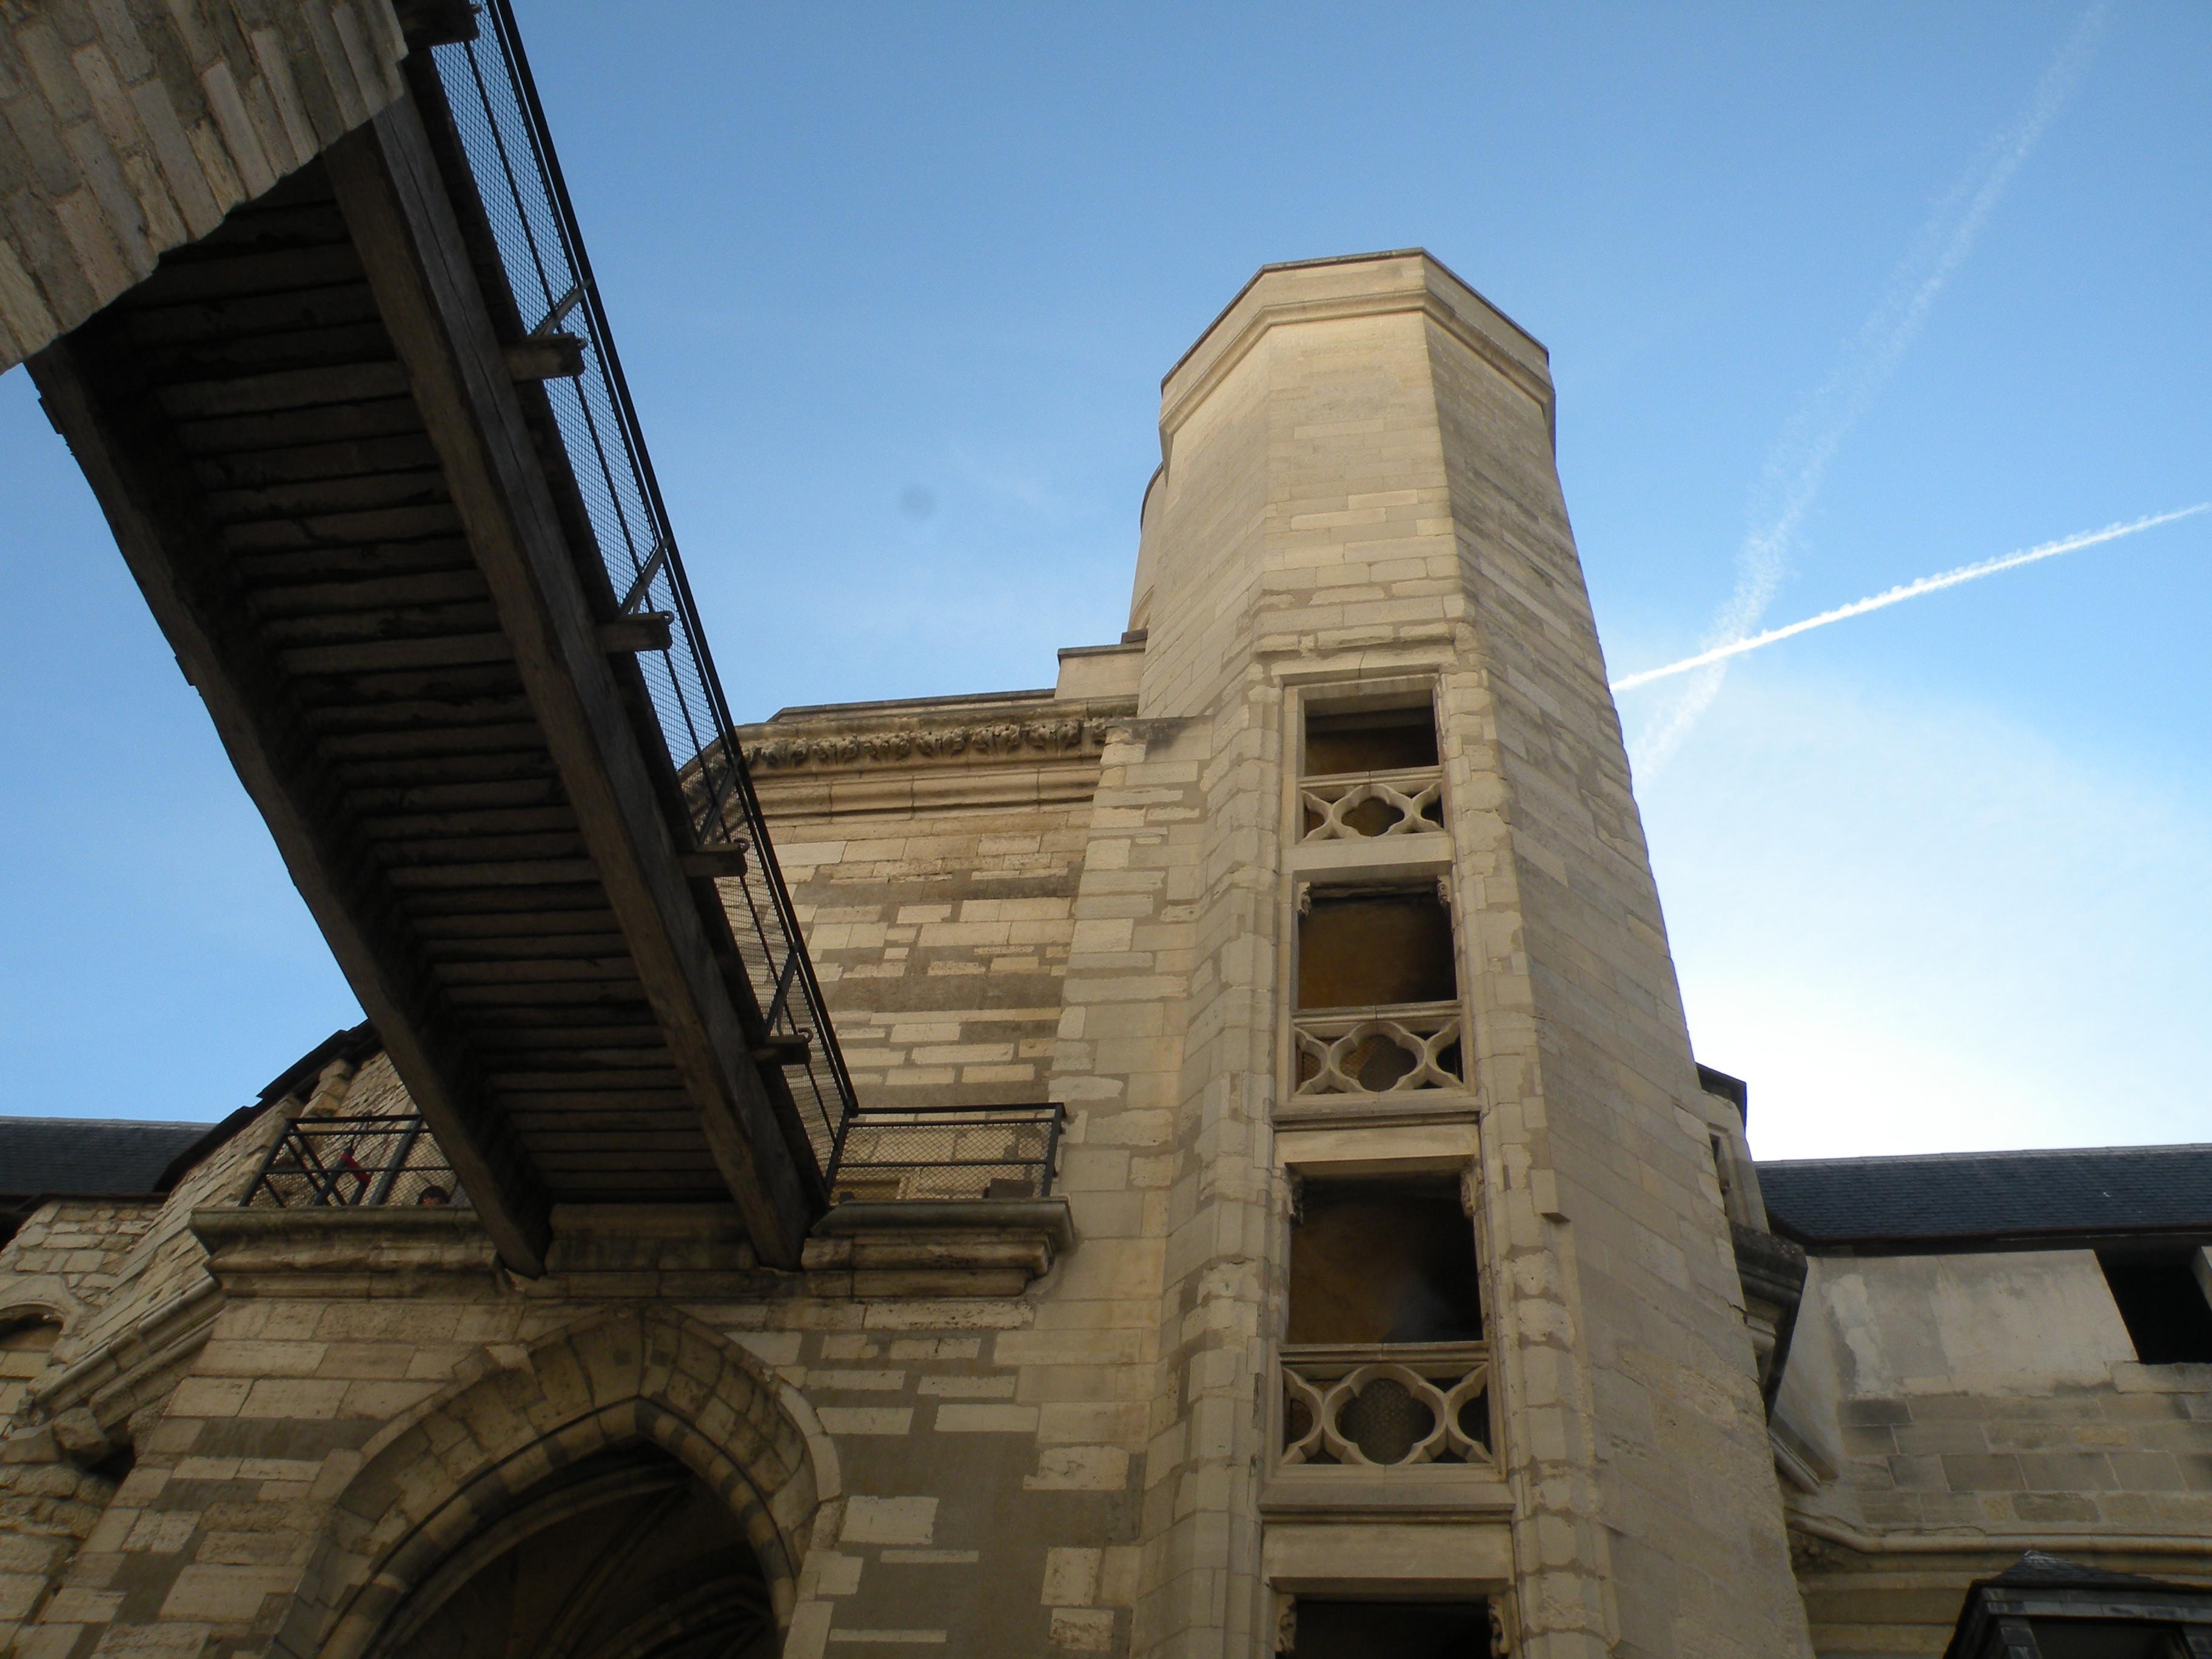 chateau_de_vincennes_4.jpg